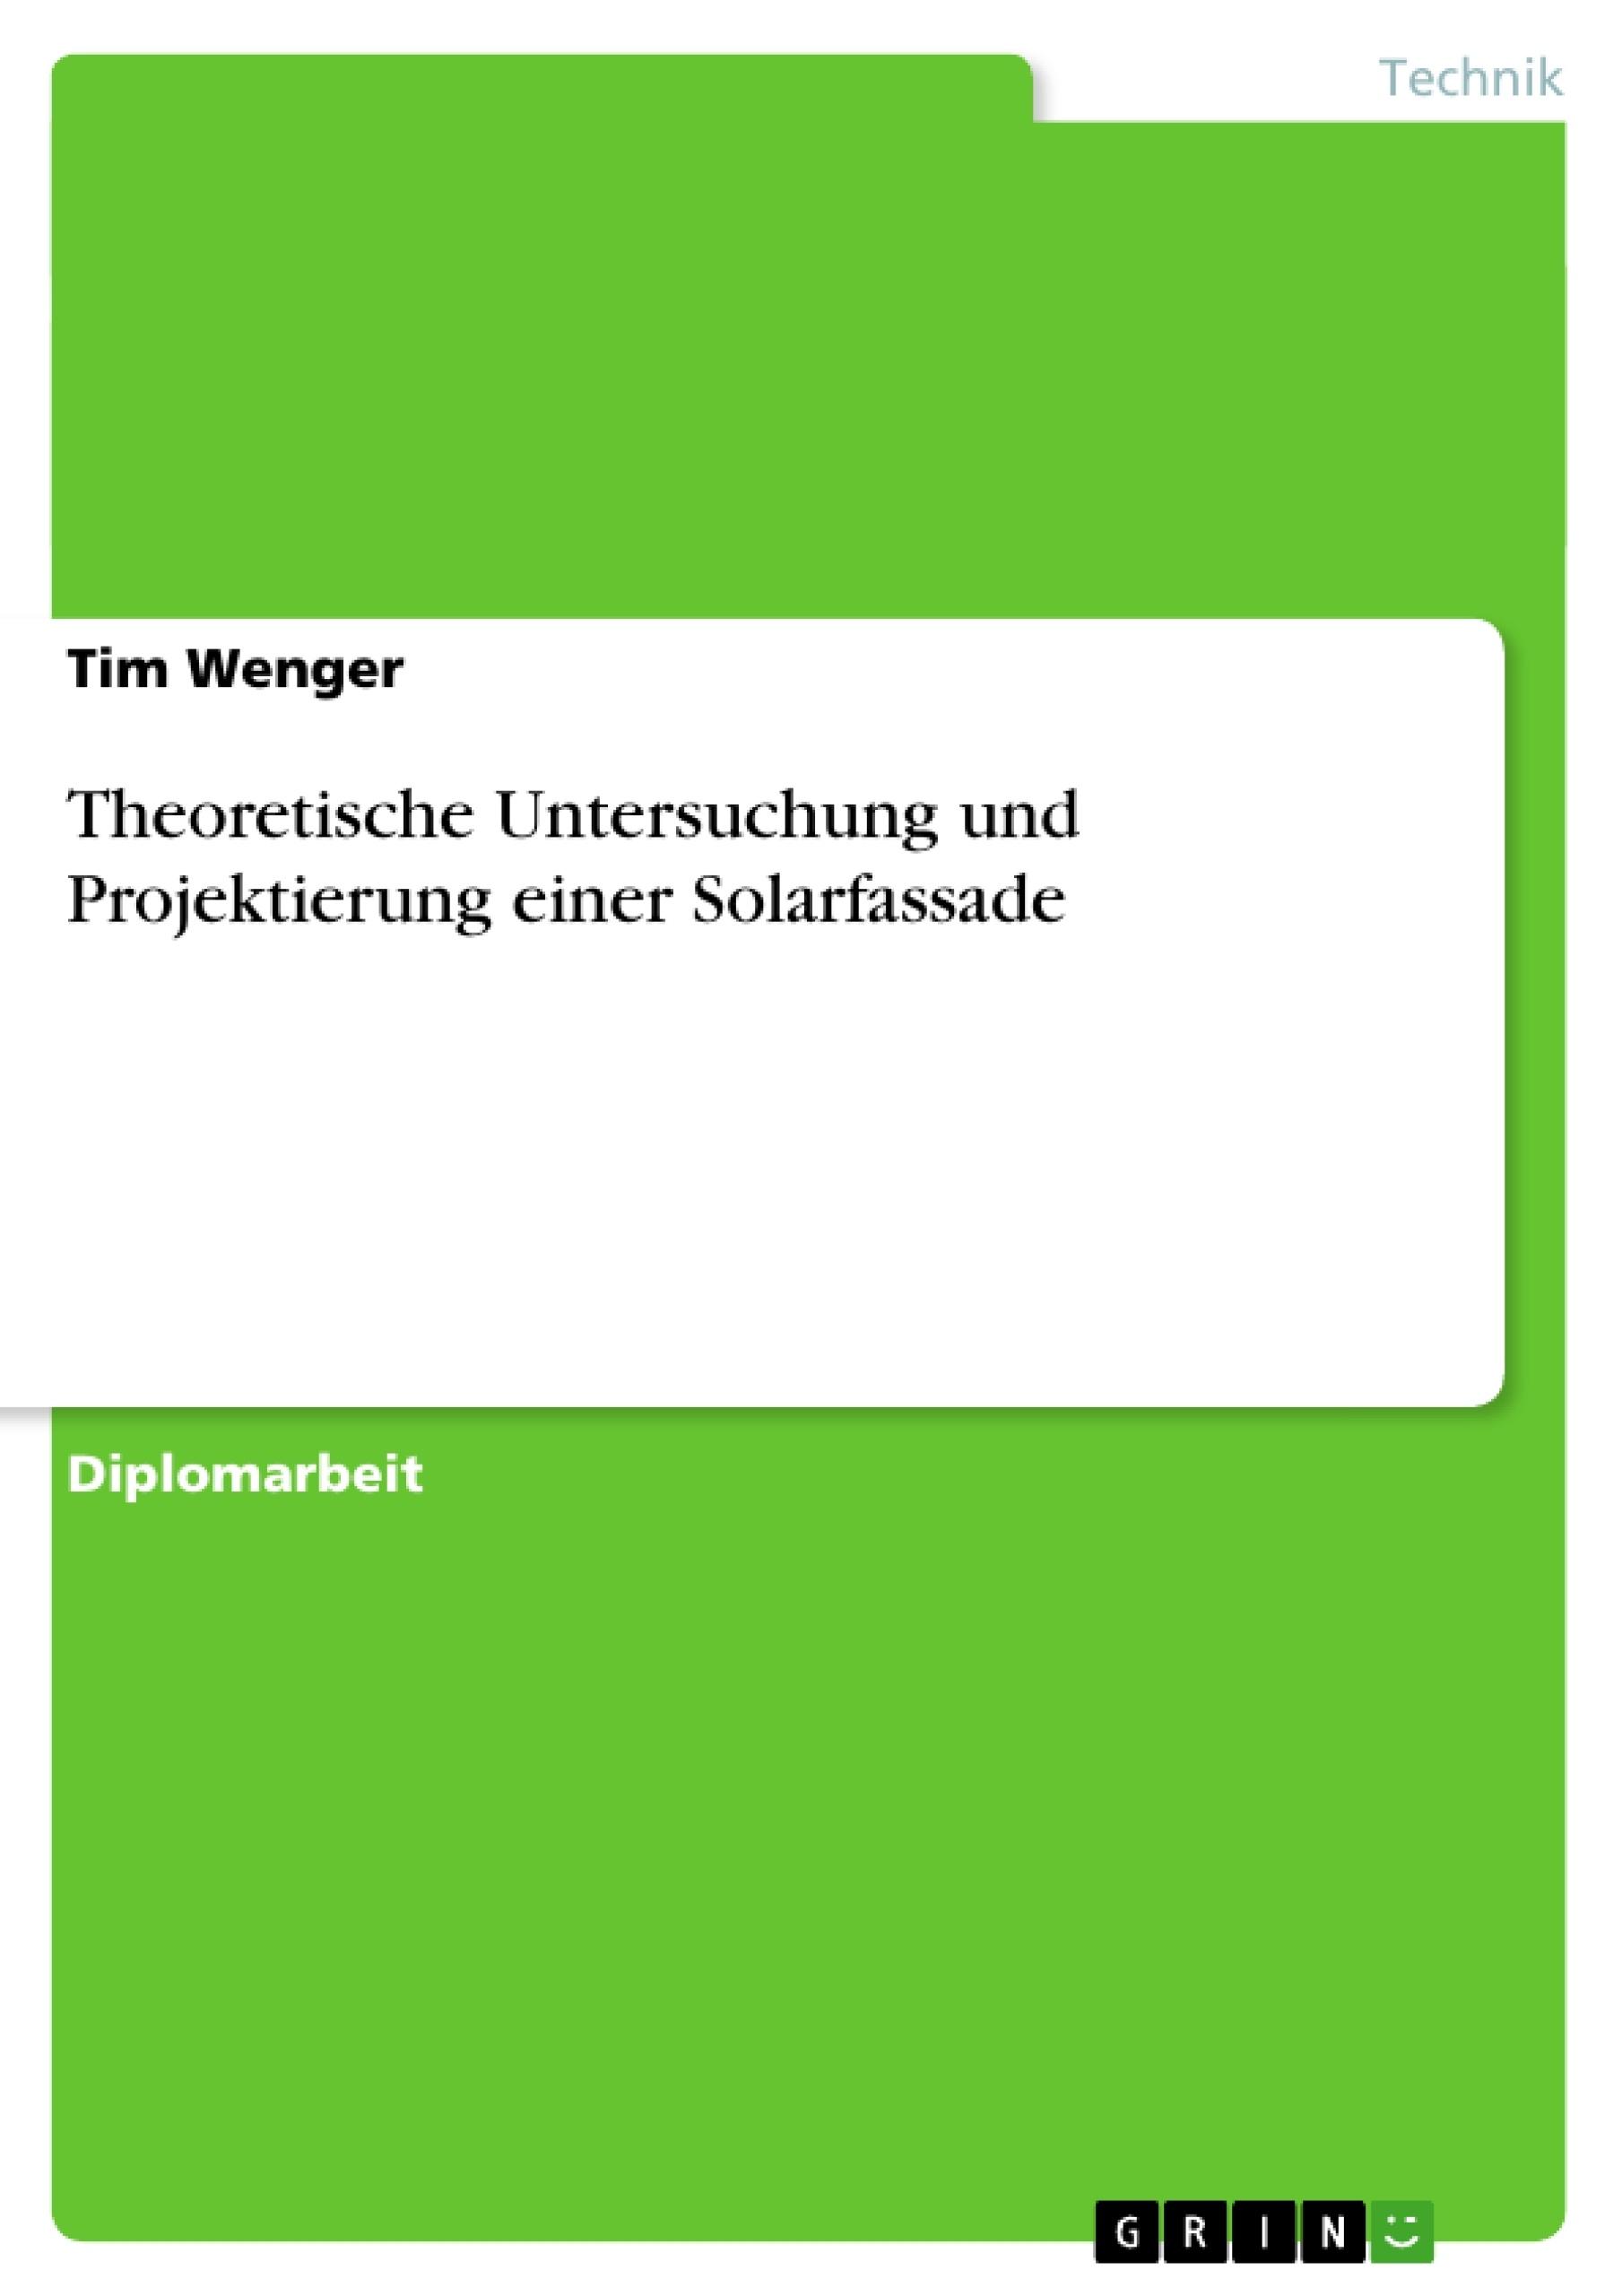 Titel: Theoretische Untersuchung und Projektierung einer Solarfassade